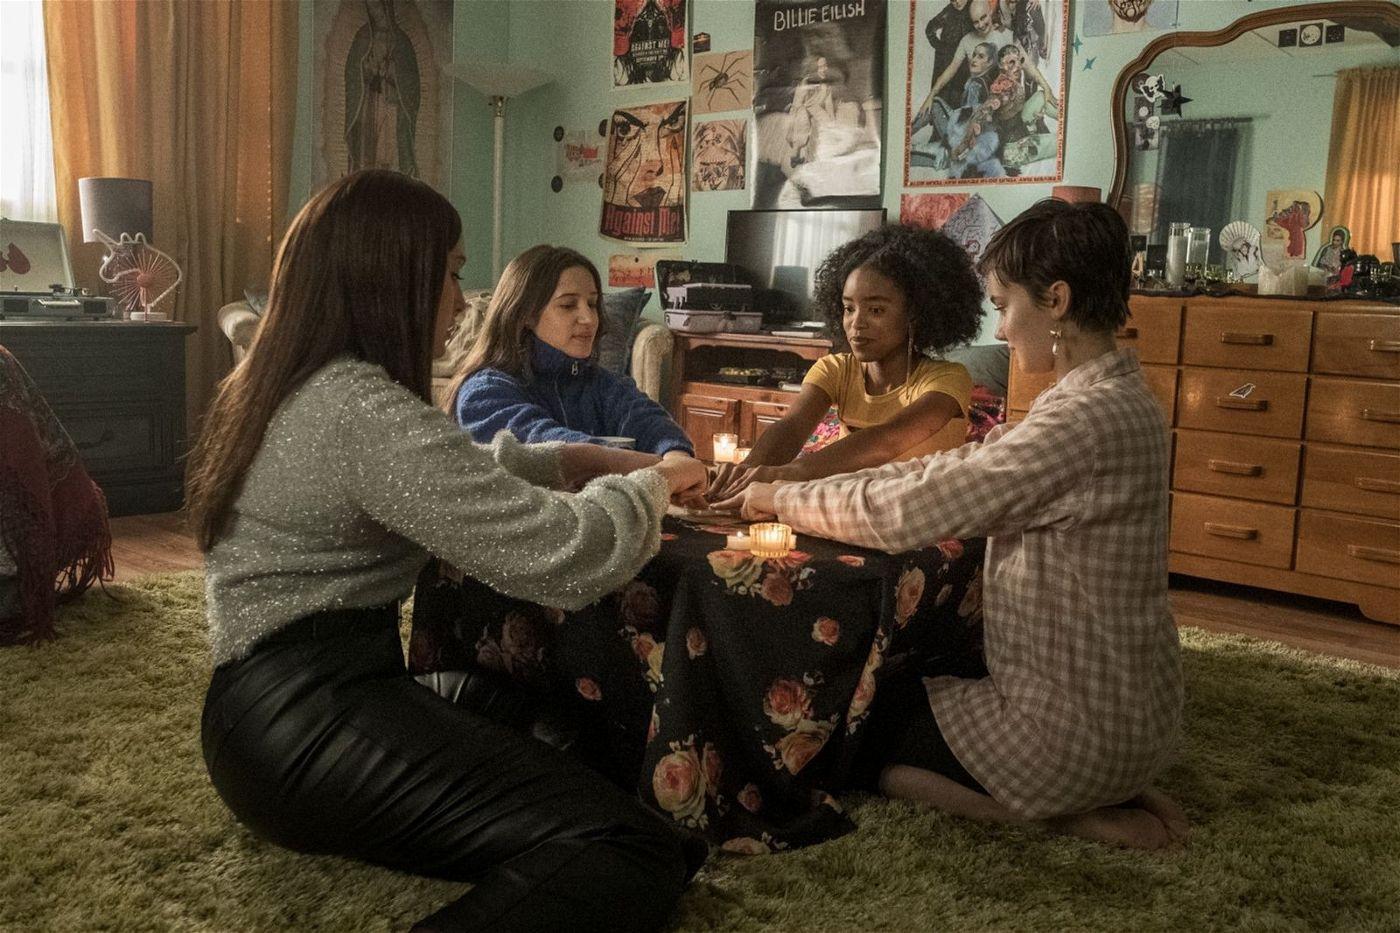 Hannah (Cailee Spaeny, rechts) und ihre neuen Freundinnen Lourdes (Zoey Luna, links), Frankie (Gideon Adlon, zweite von links) und Tabby (Lovie Simone) führen ein magisches Ritual durch.